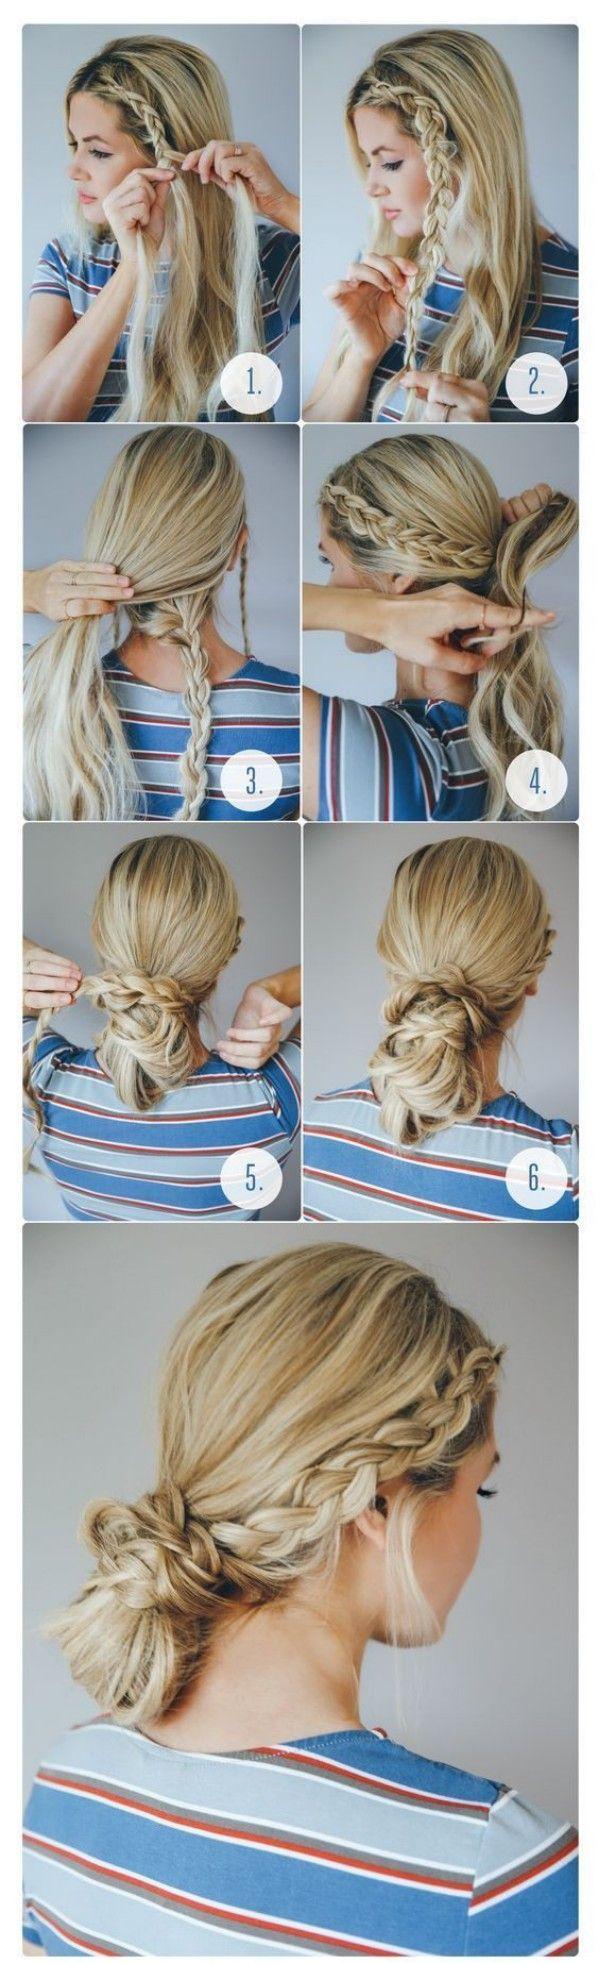 peinados faciles con trenzados